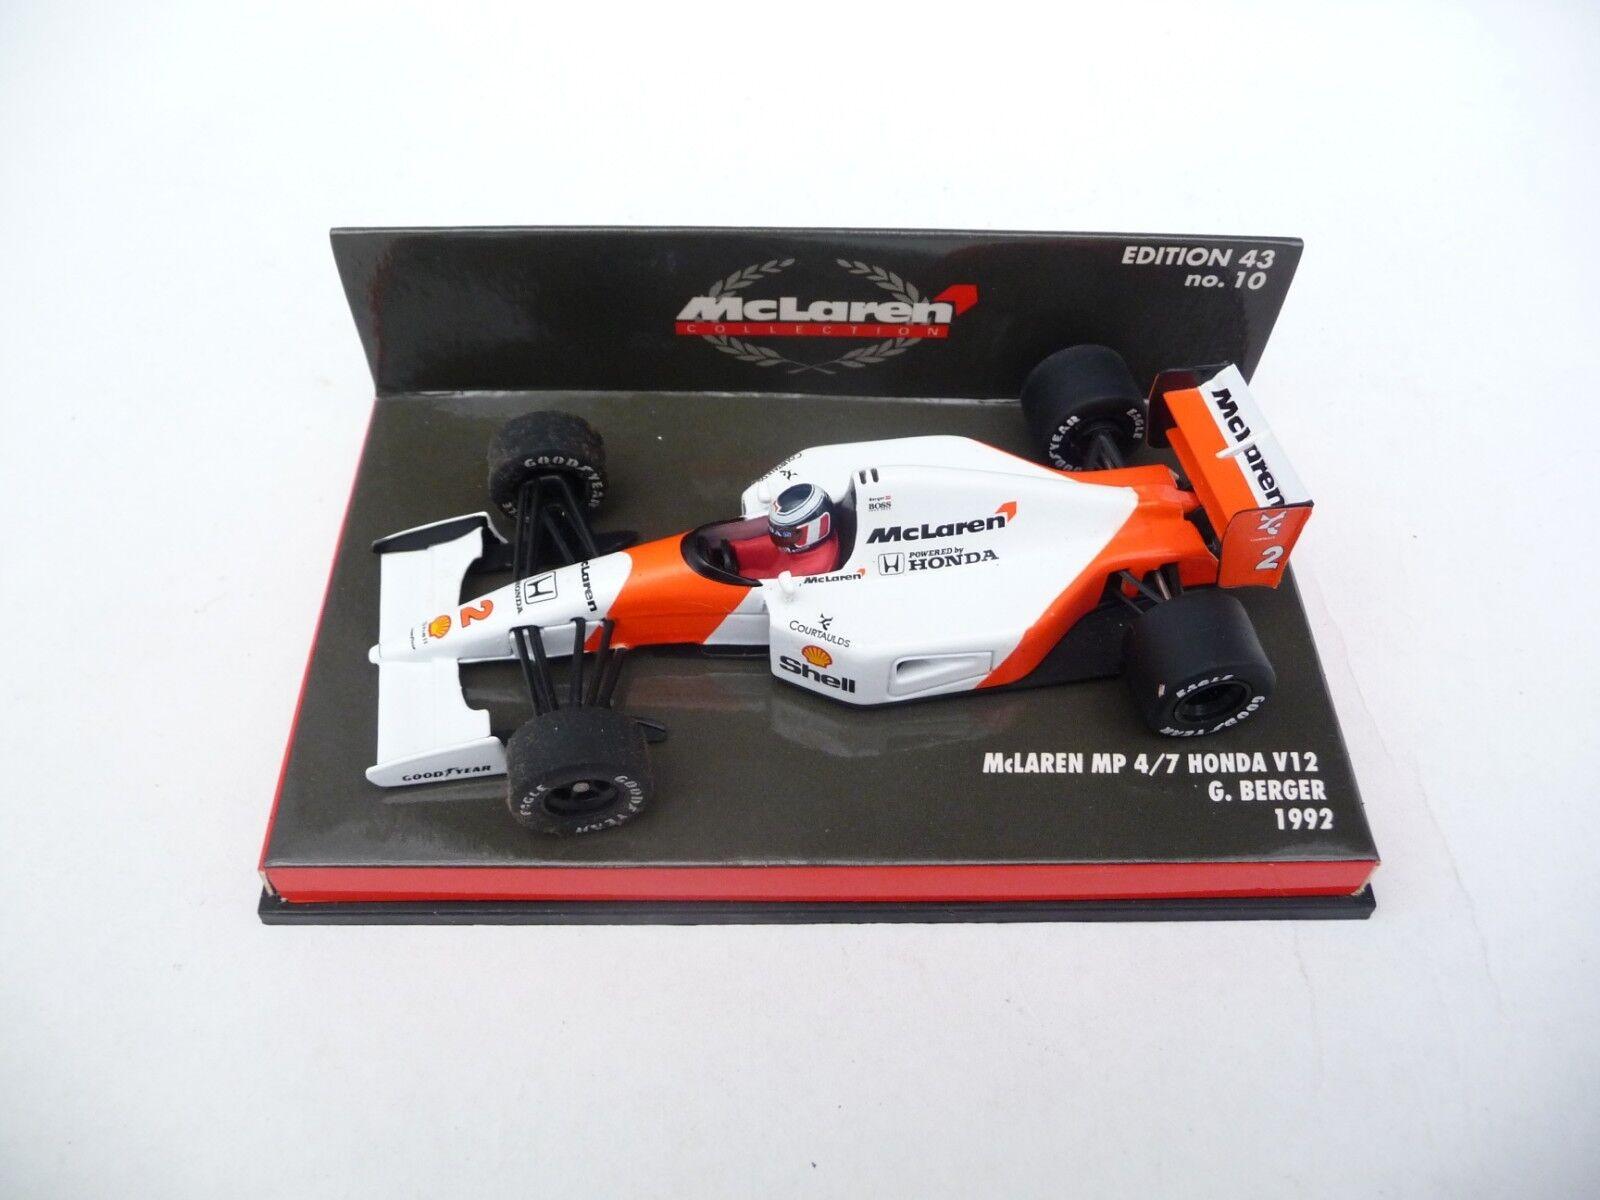 Minichamps 1 43 McLaren MP4 7 Honda V12 1992 Gerhard Berger 924302